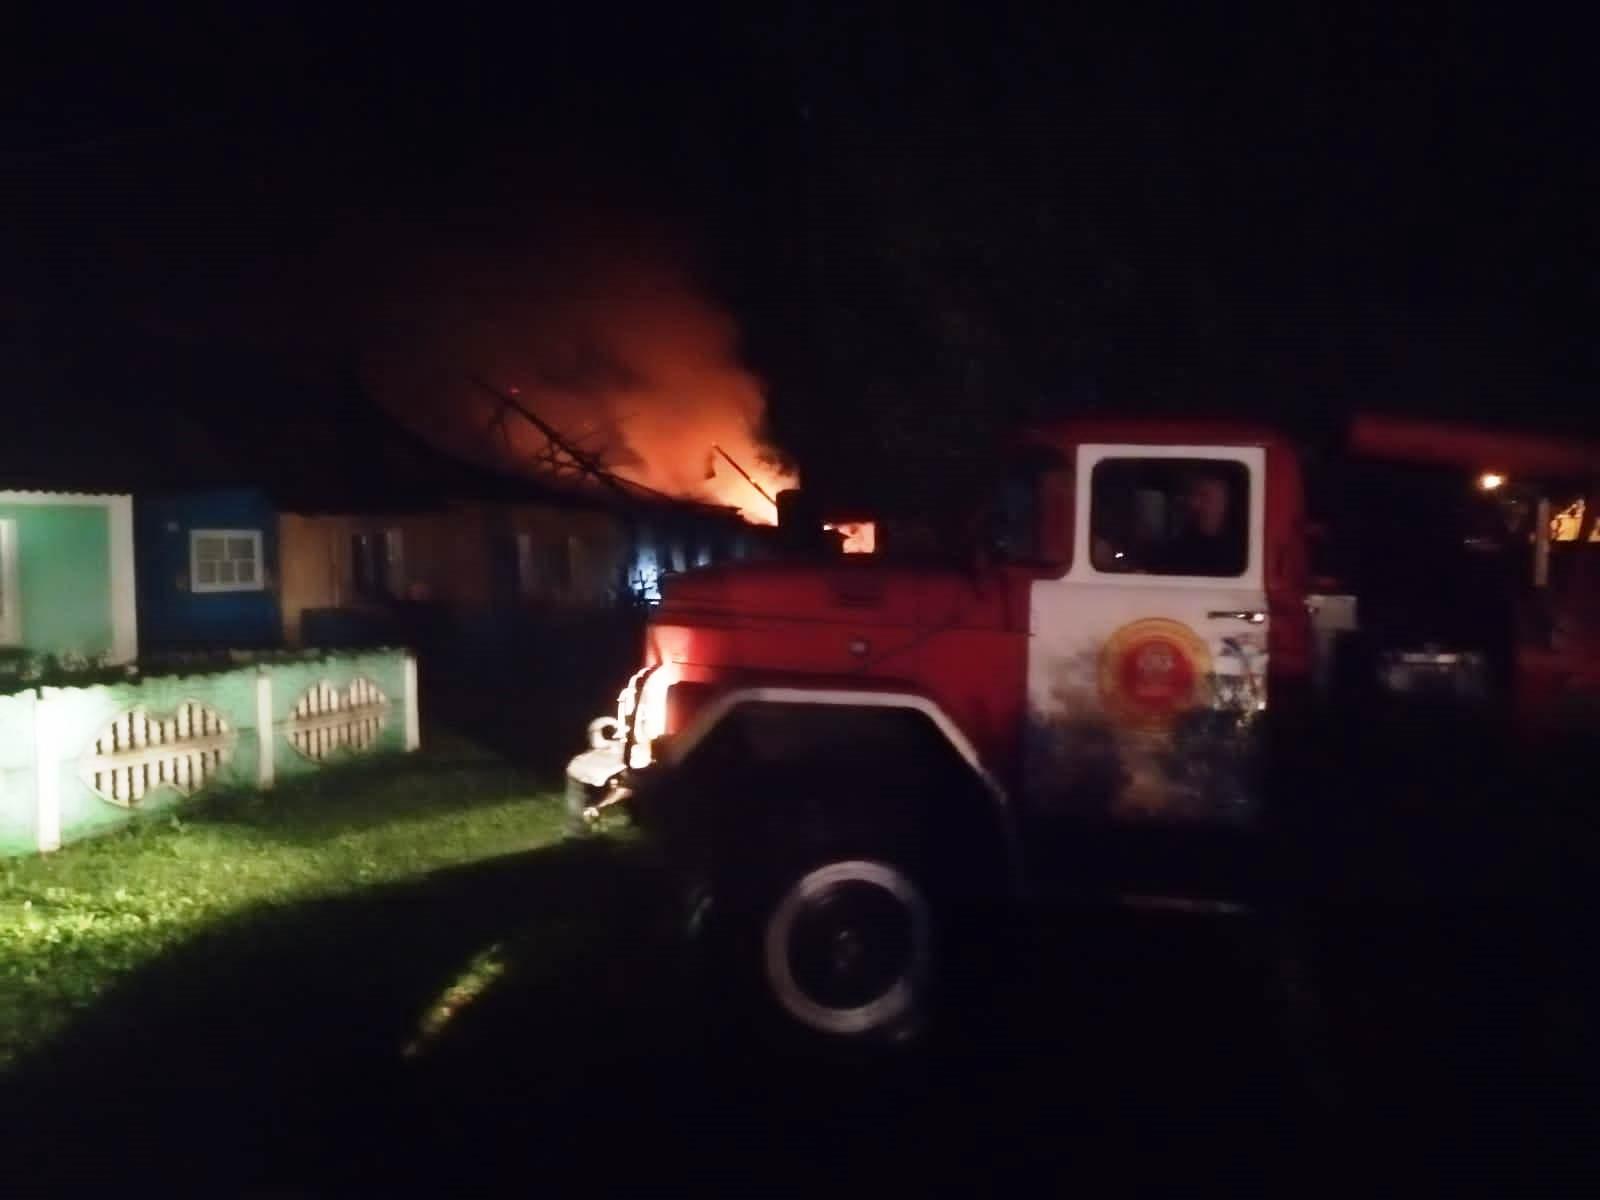 Пожар в Людиновском районе, д. Манино, ул. Центральная